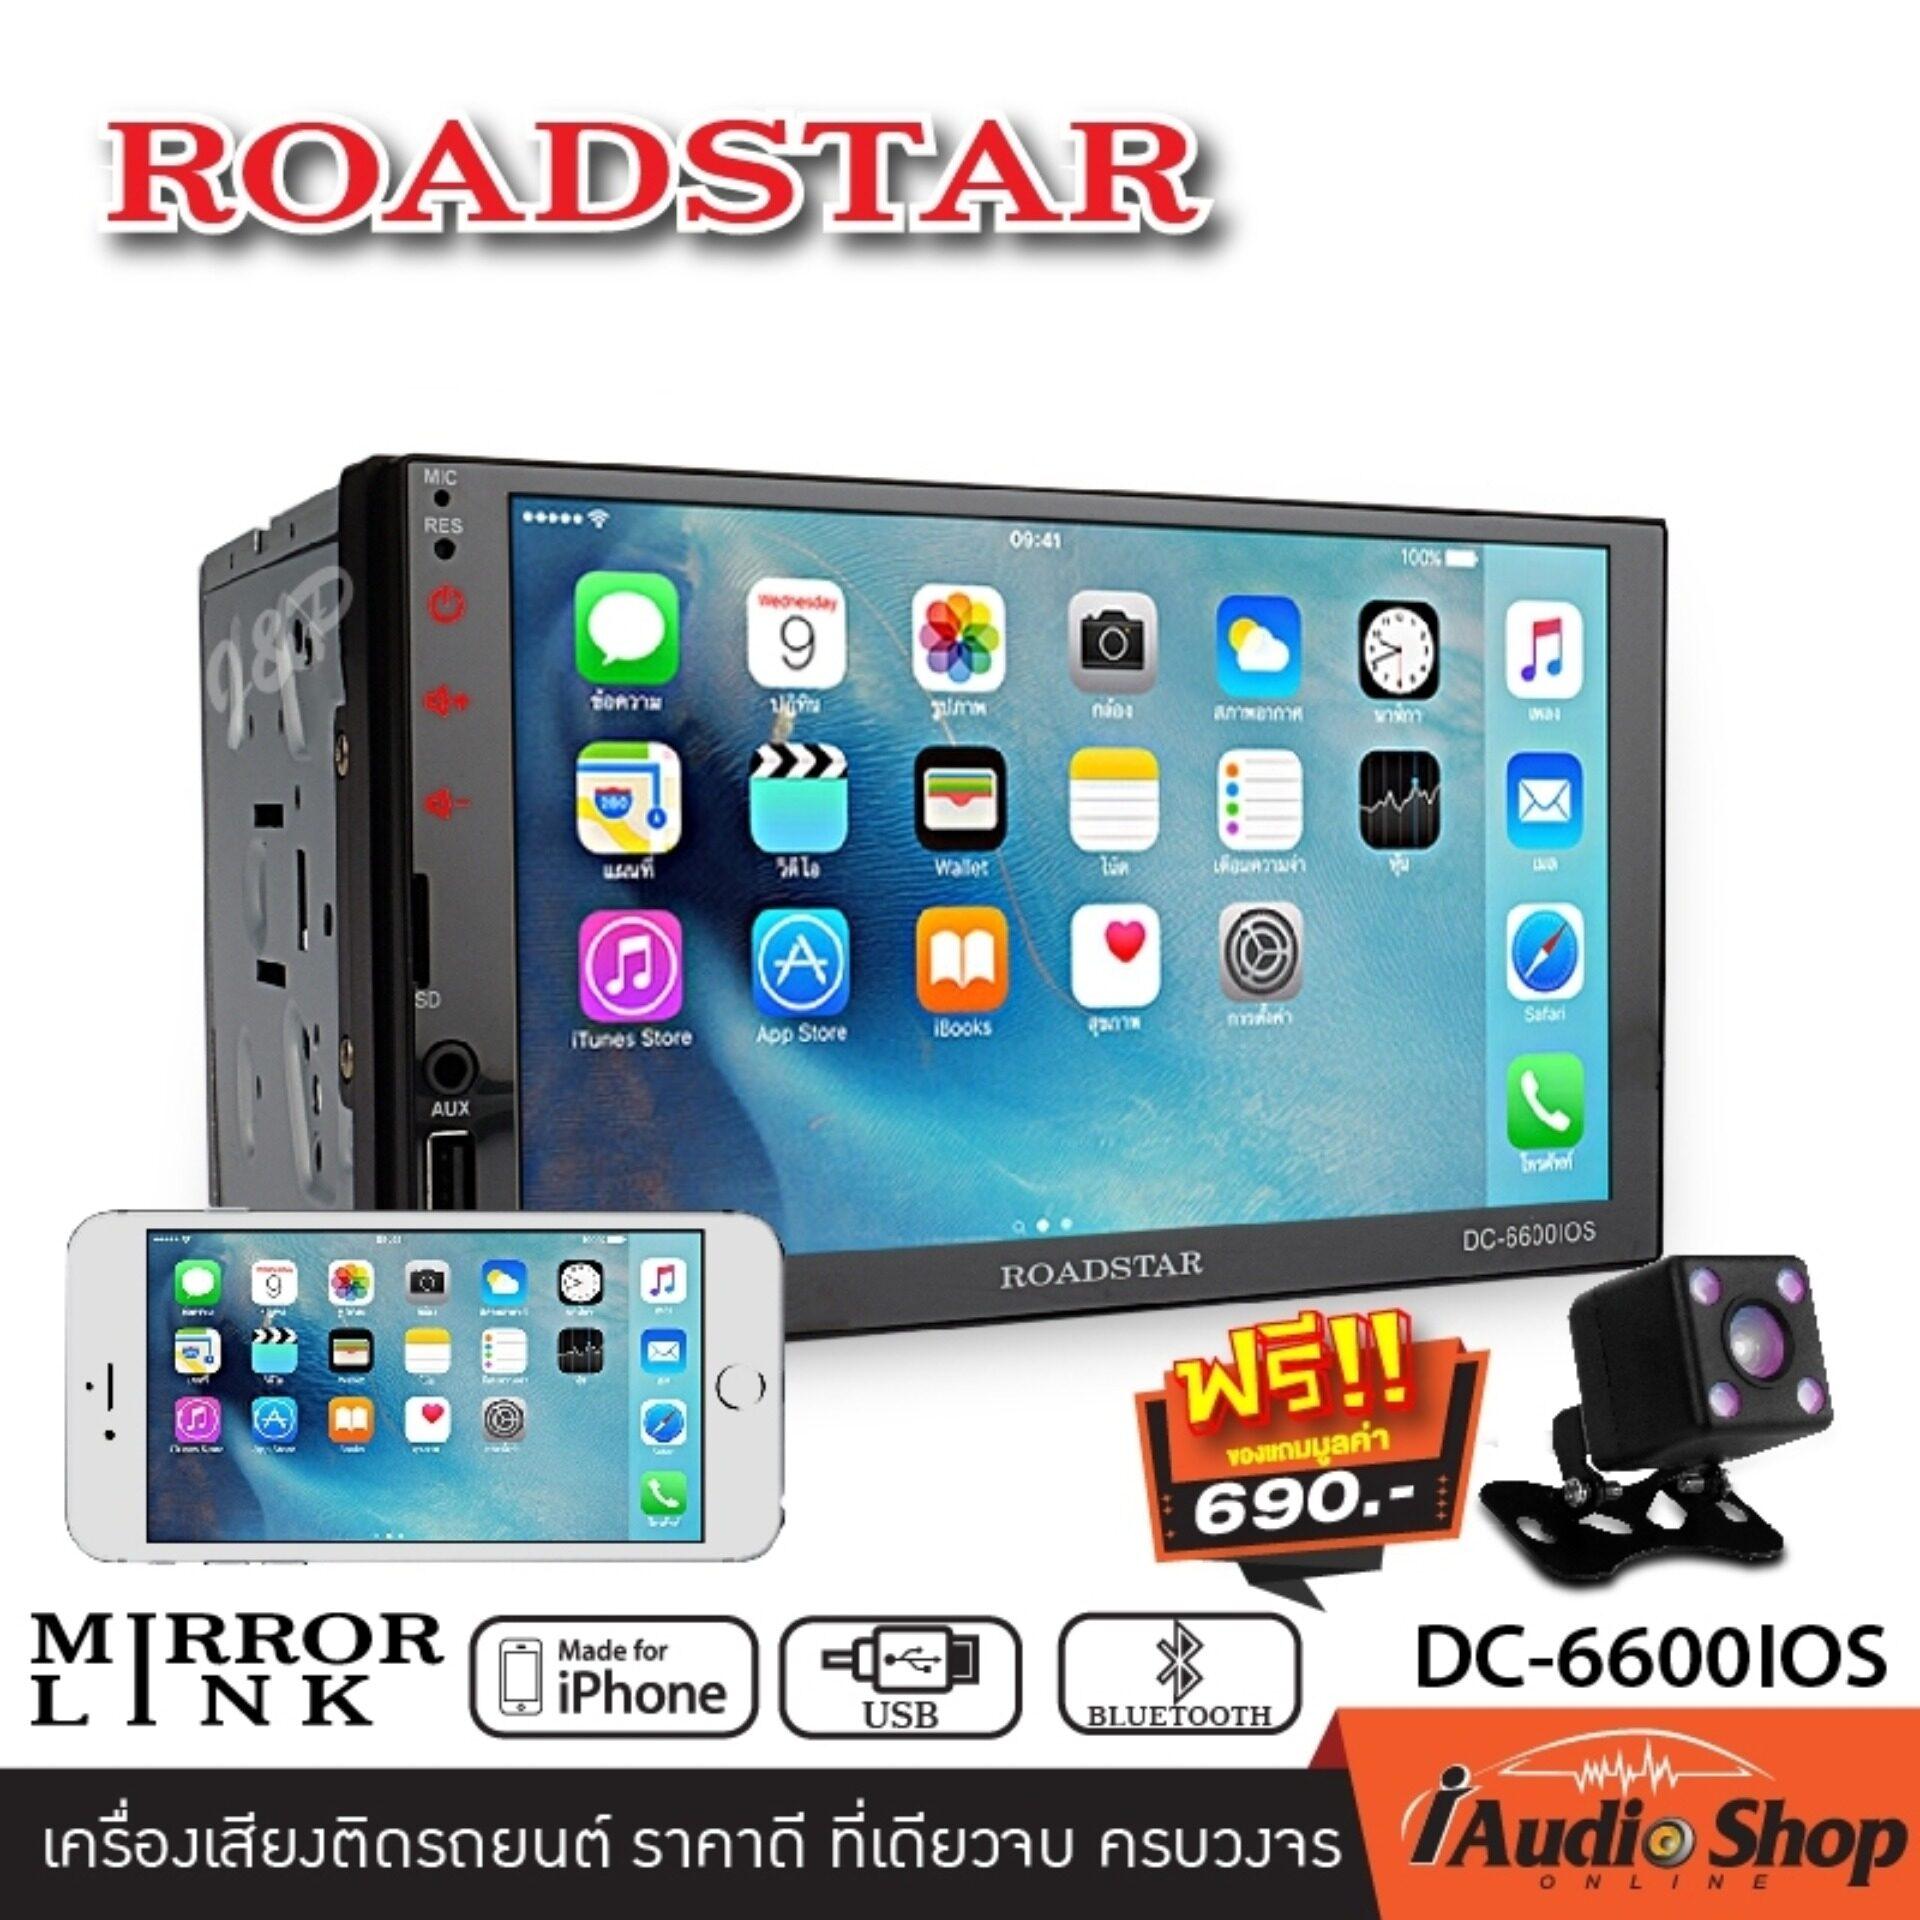 แถมกล้องมองหลังฟรี!! เครื่องเสียงรถ วิทยุติดรถยนต์ Roadstar Dc-6600ios (mirrorlink รองรับ Androidสูงสุด 9.0 - Iphoneสูงสุด Ios 12.0.0) แบบไม่ใช้แผ่น 2din ขนาด7นิ้ว.